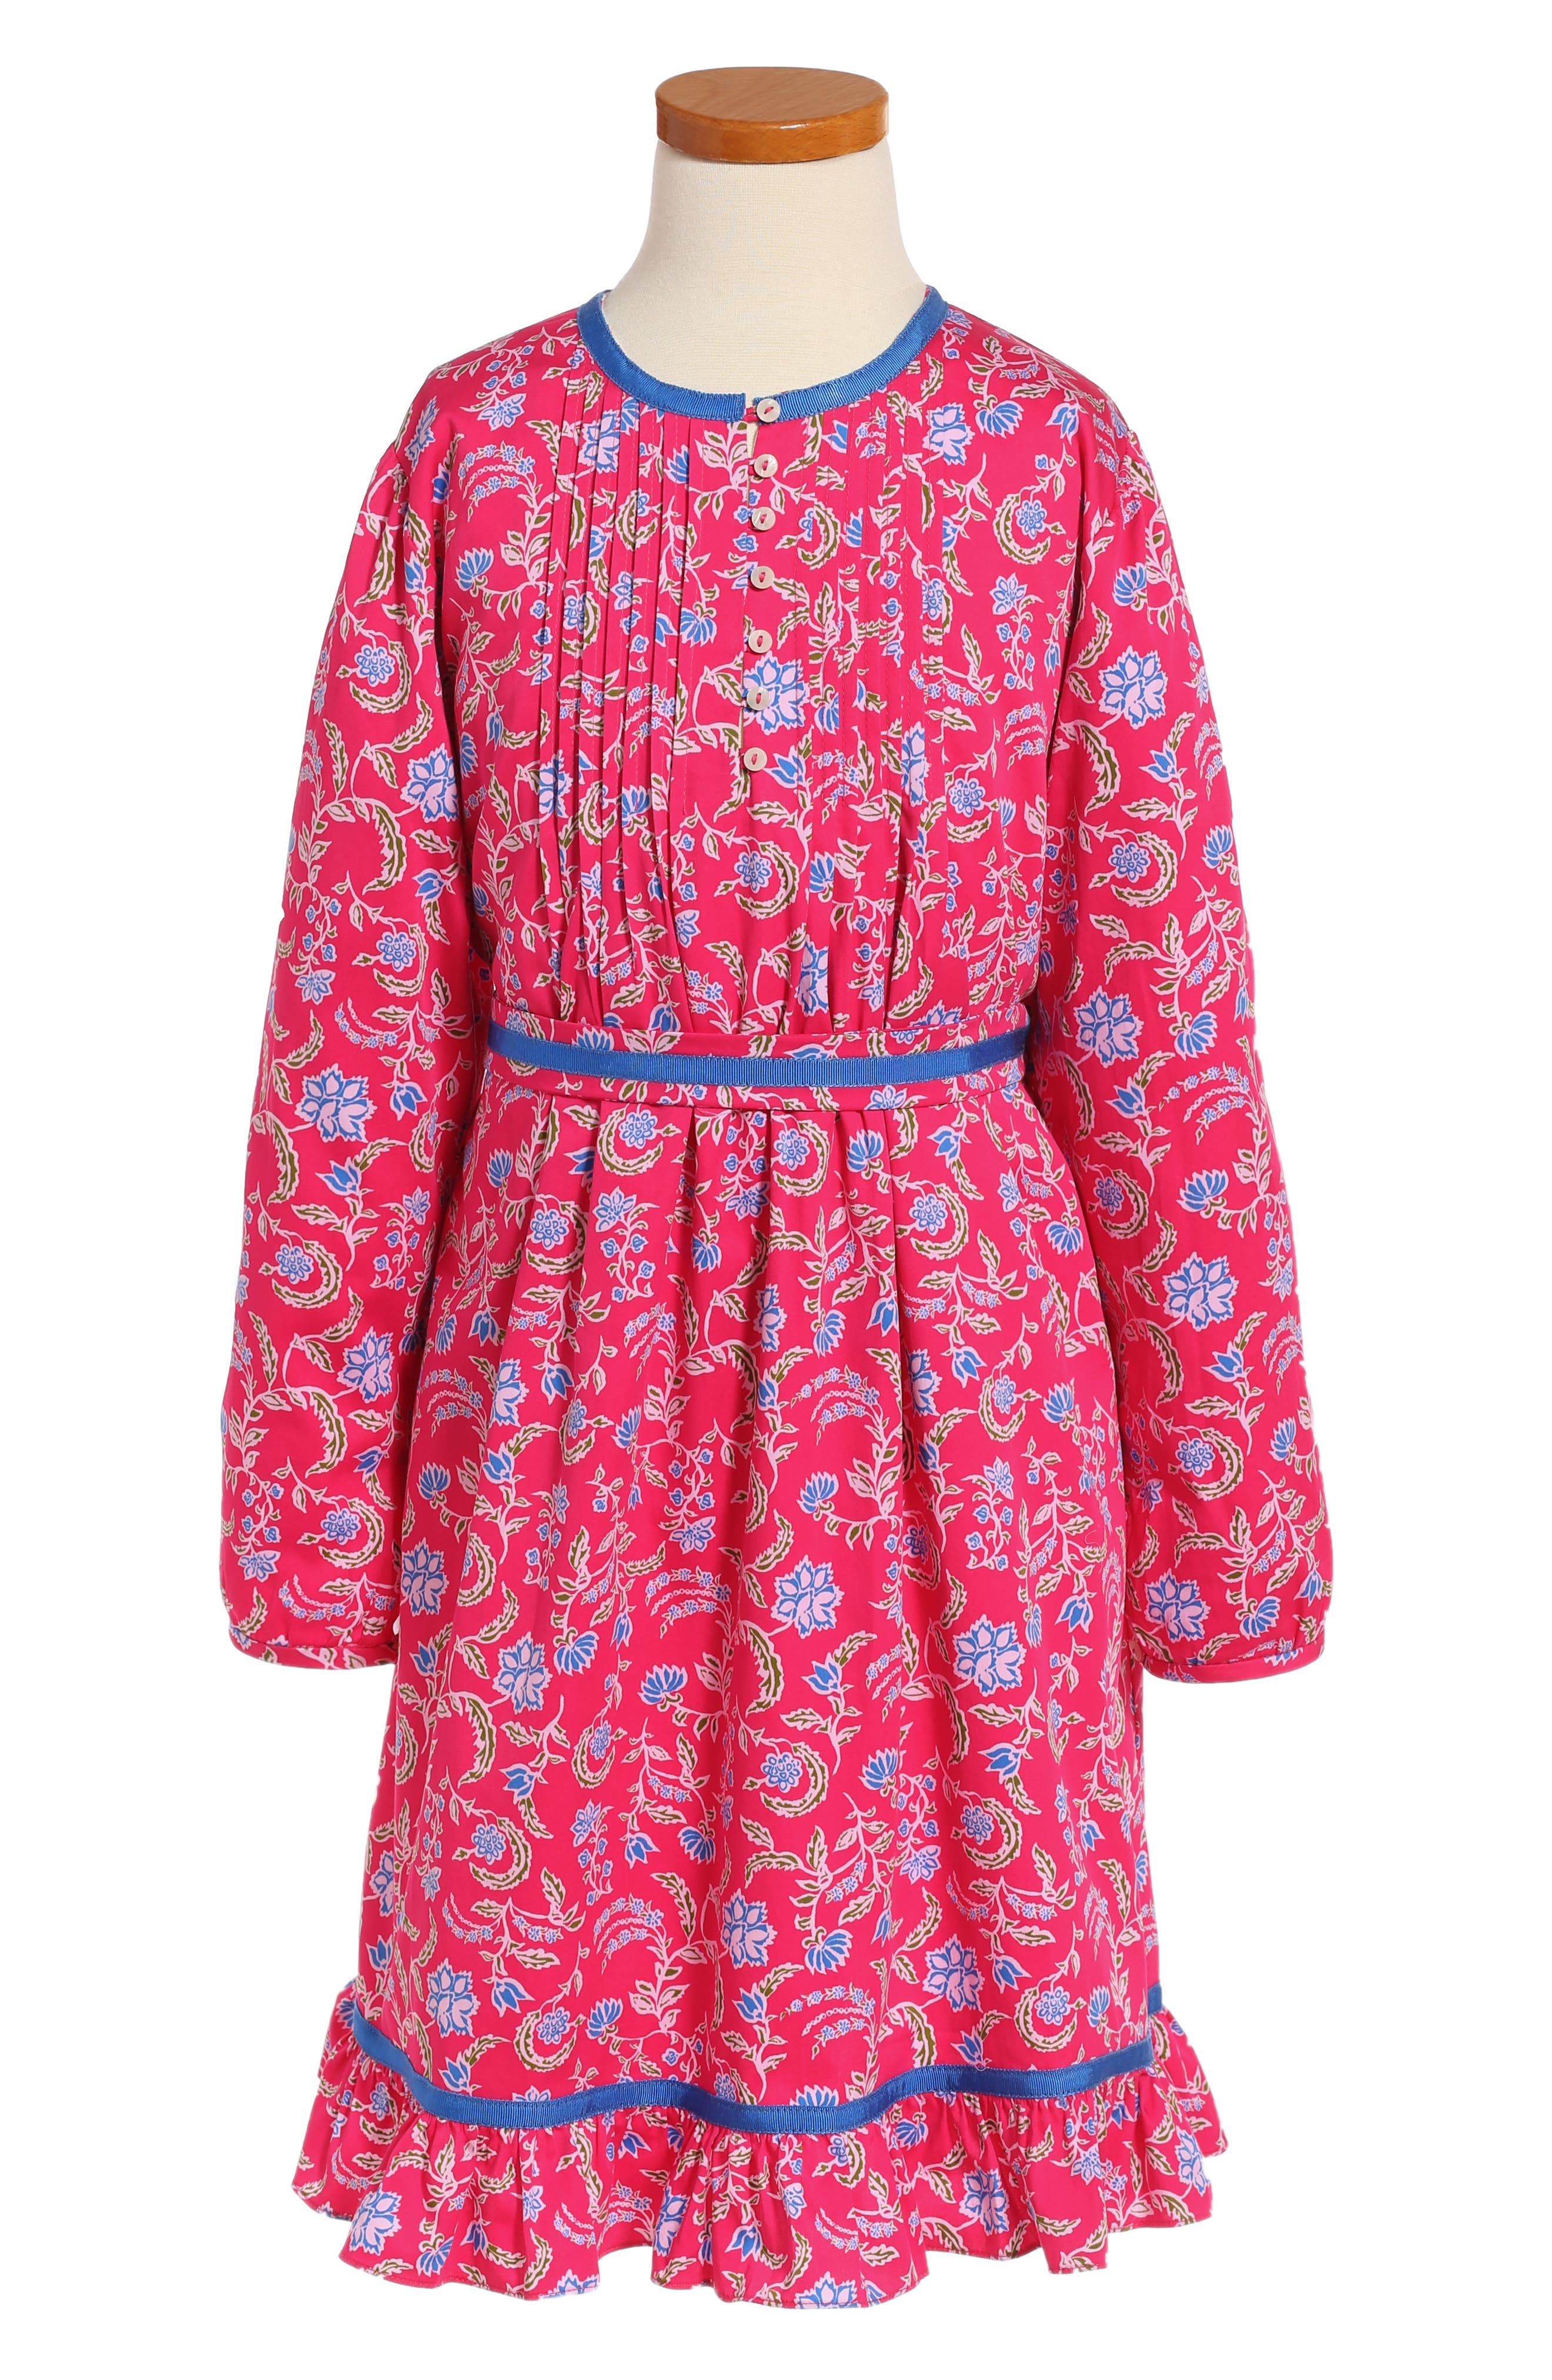 Lotus Flower Dress,                         Main,                         color, Hot Pink Multi